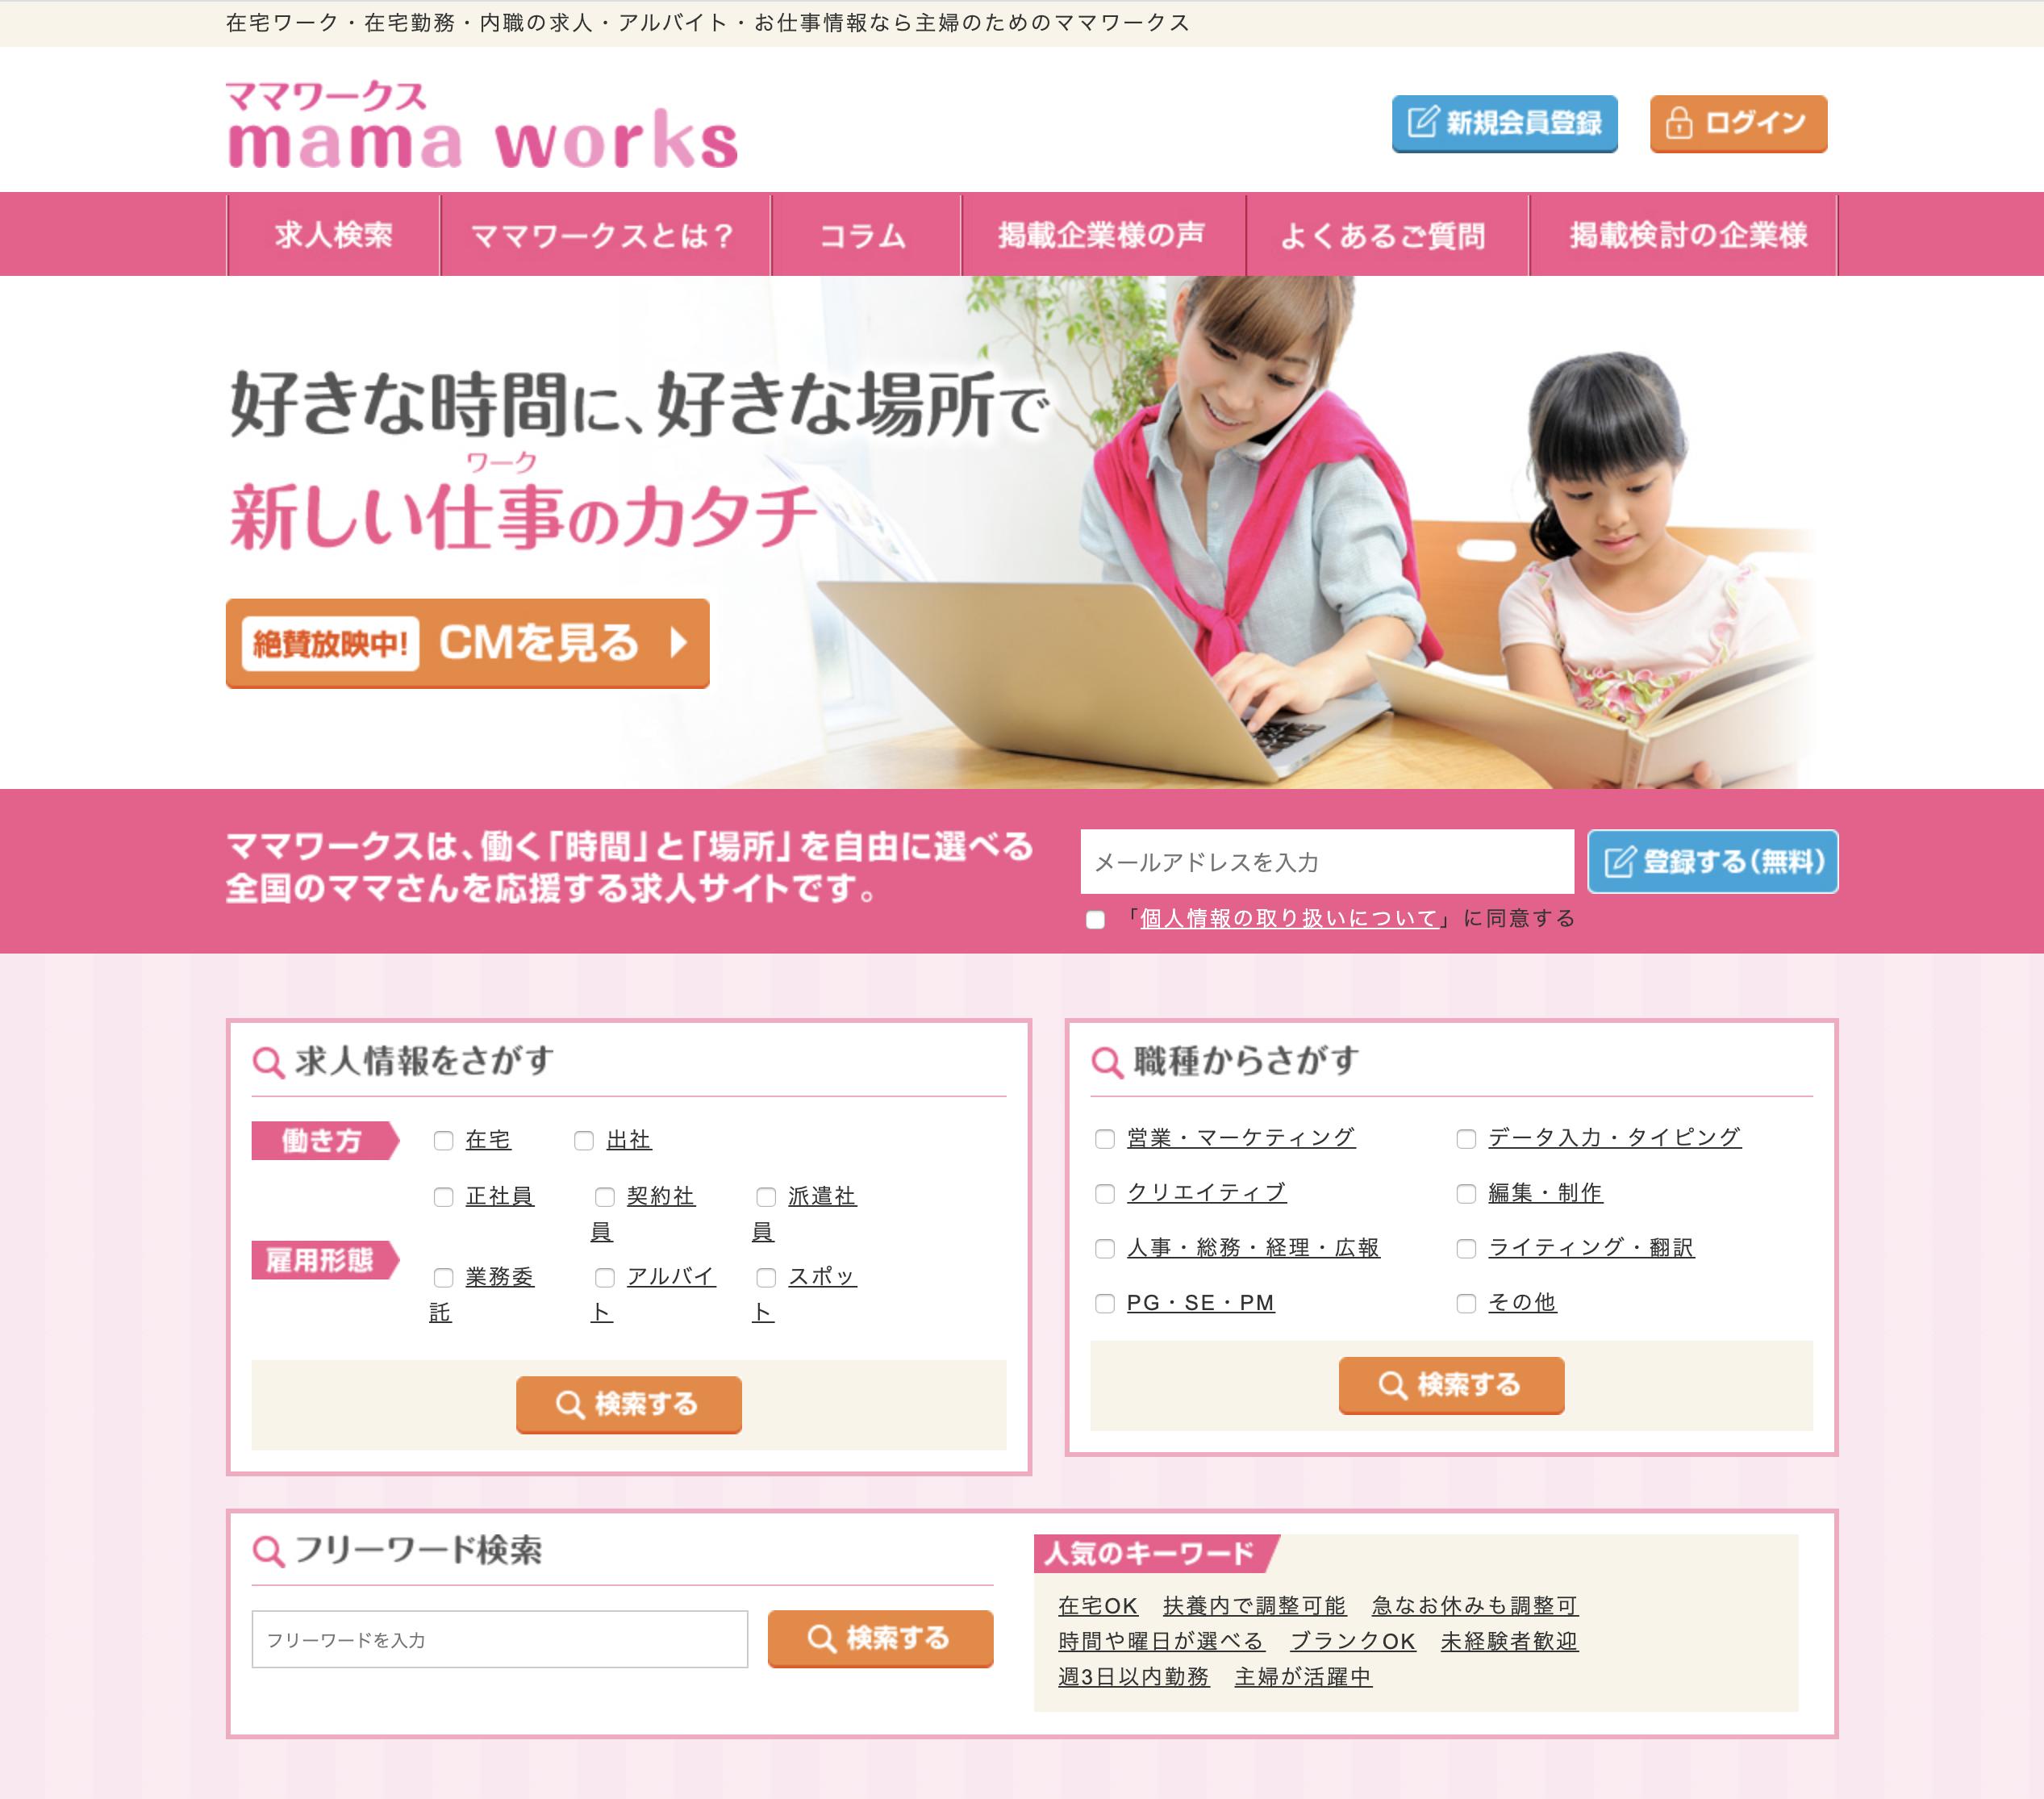 ママワークスの公式サイトのスクリーンショット